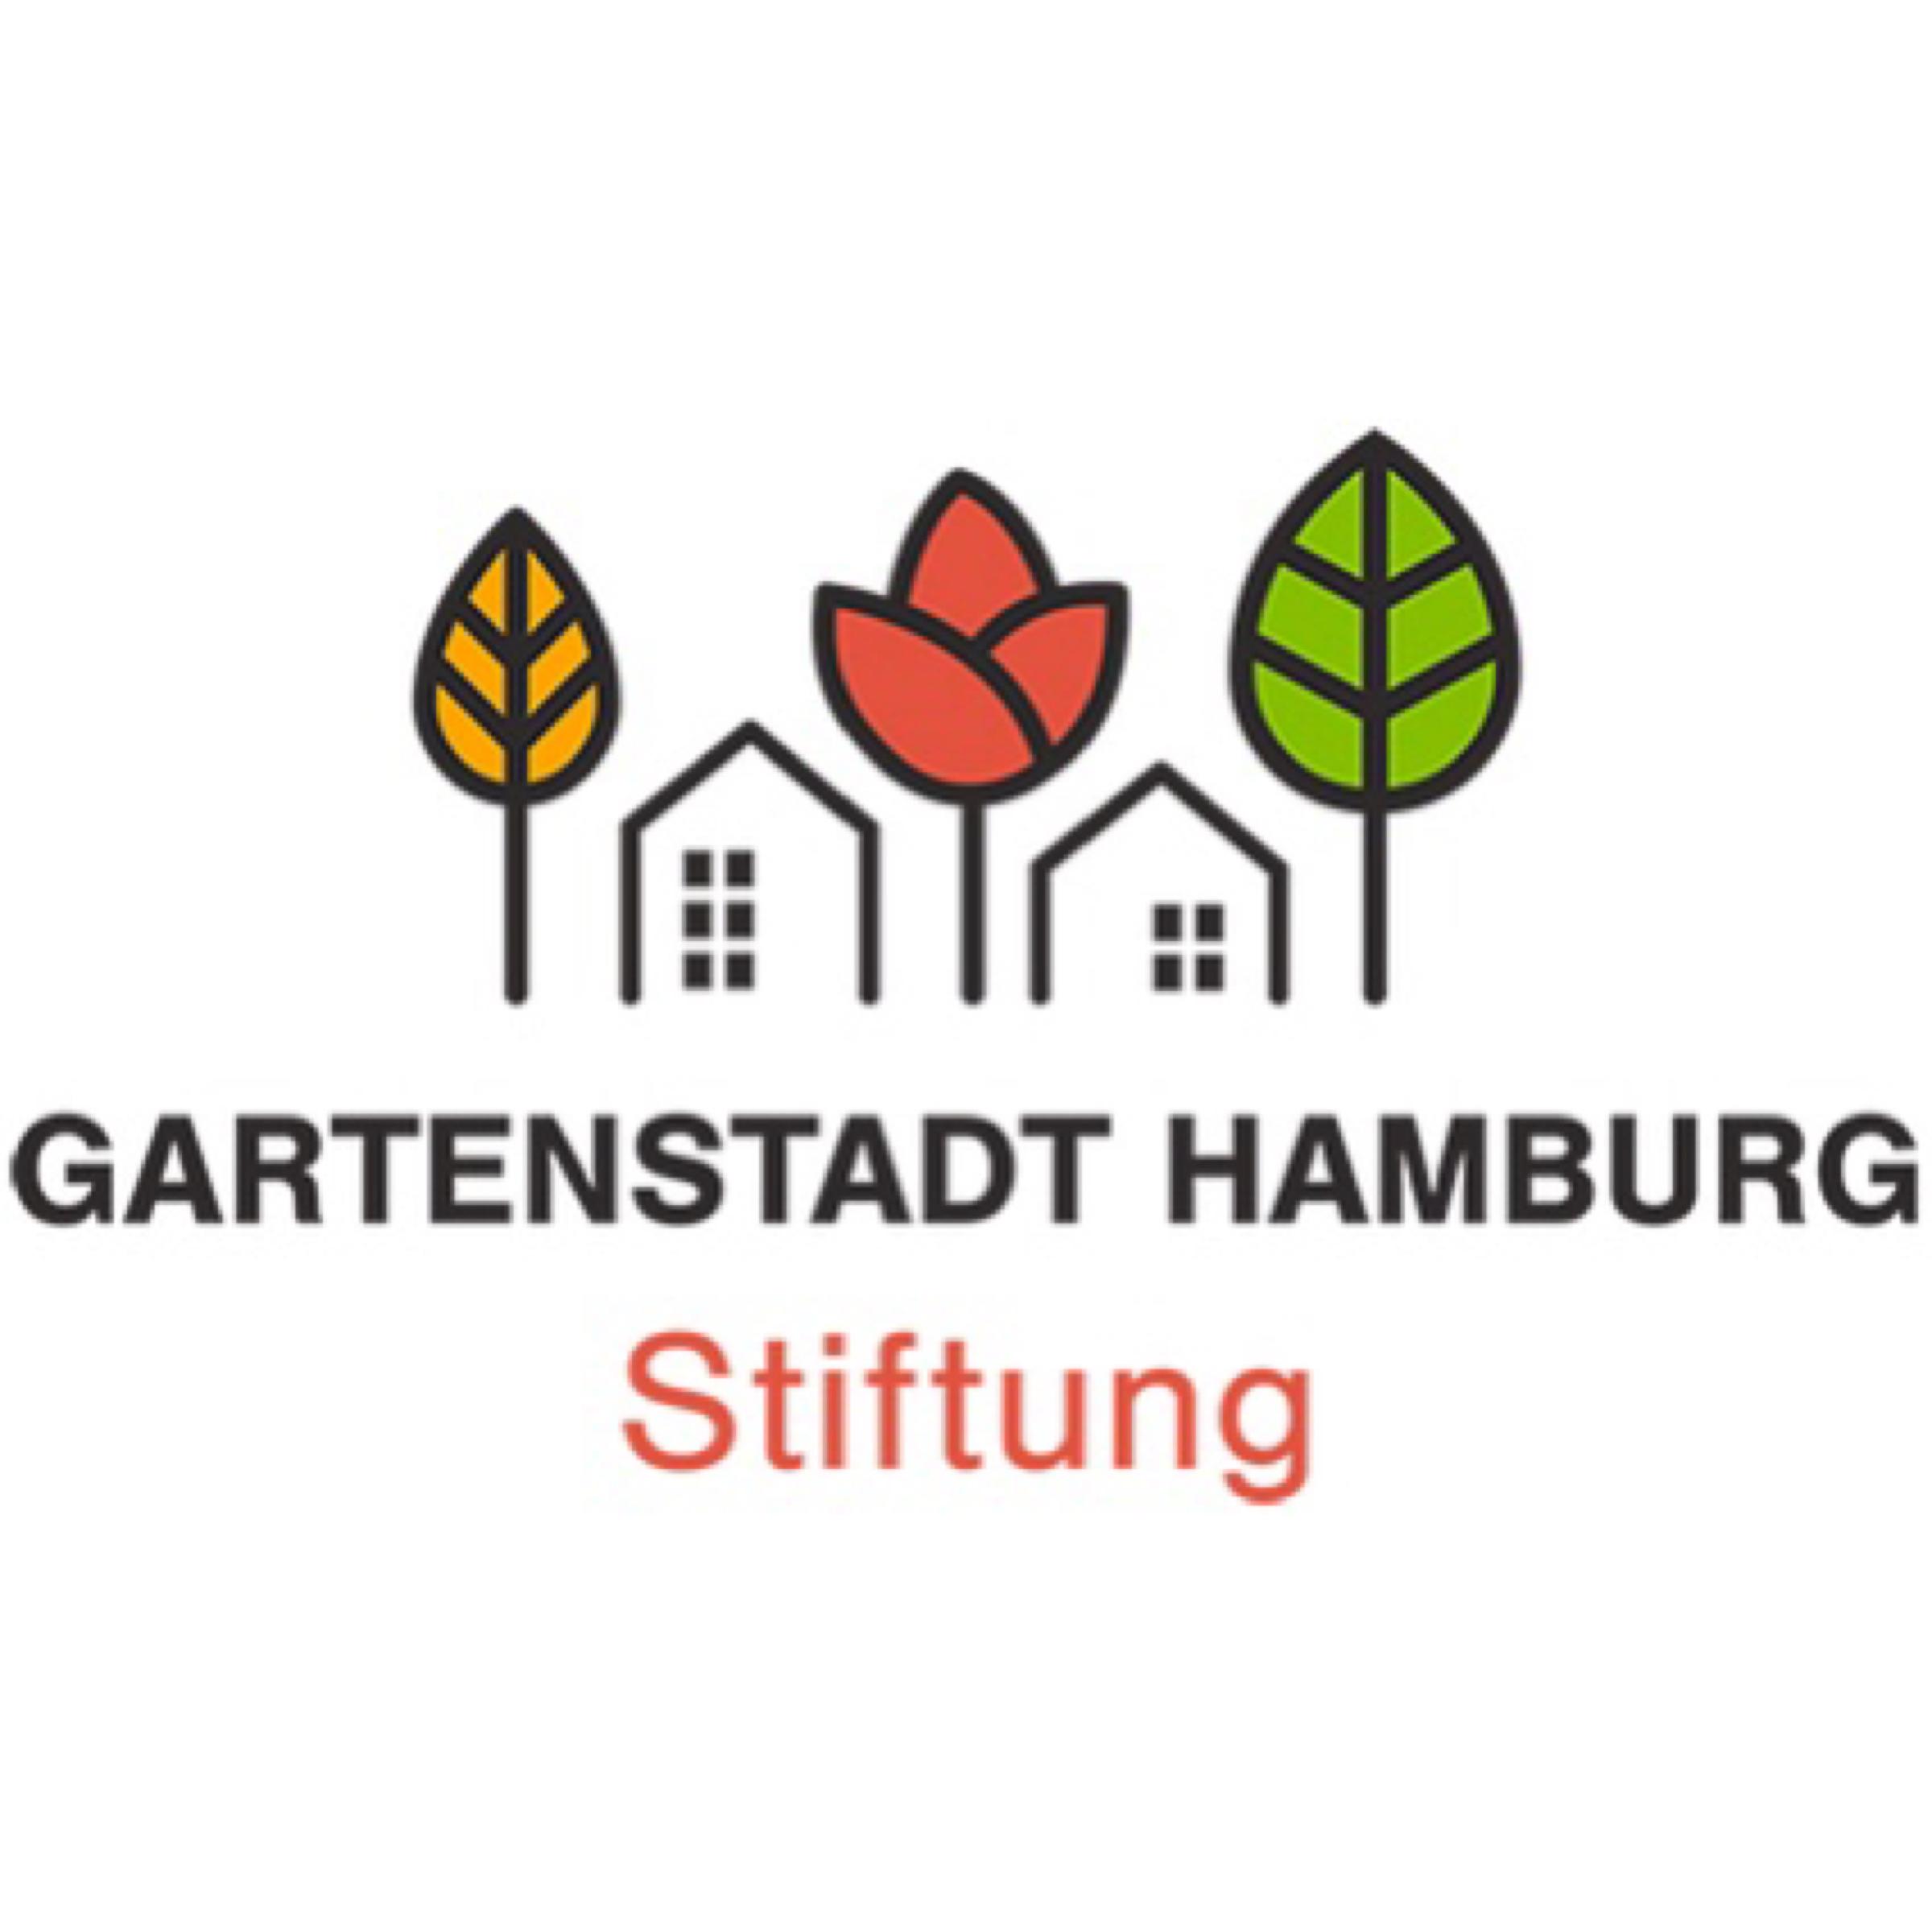 Gartenstadt Hamburg Stiftung gegründet